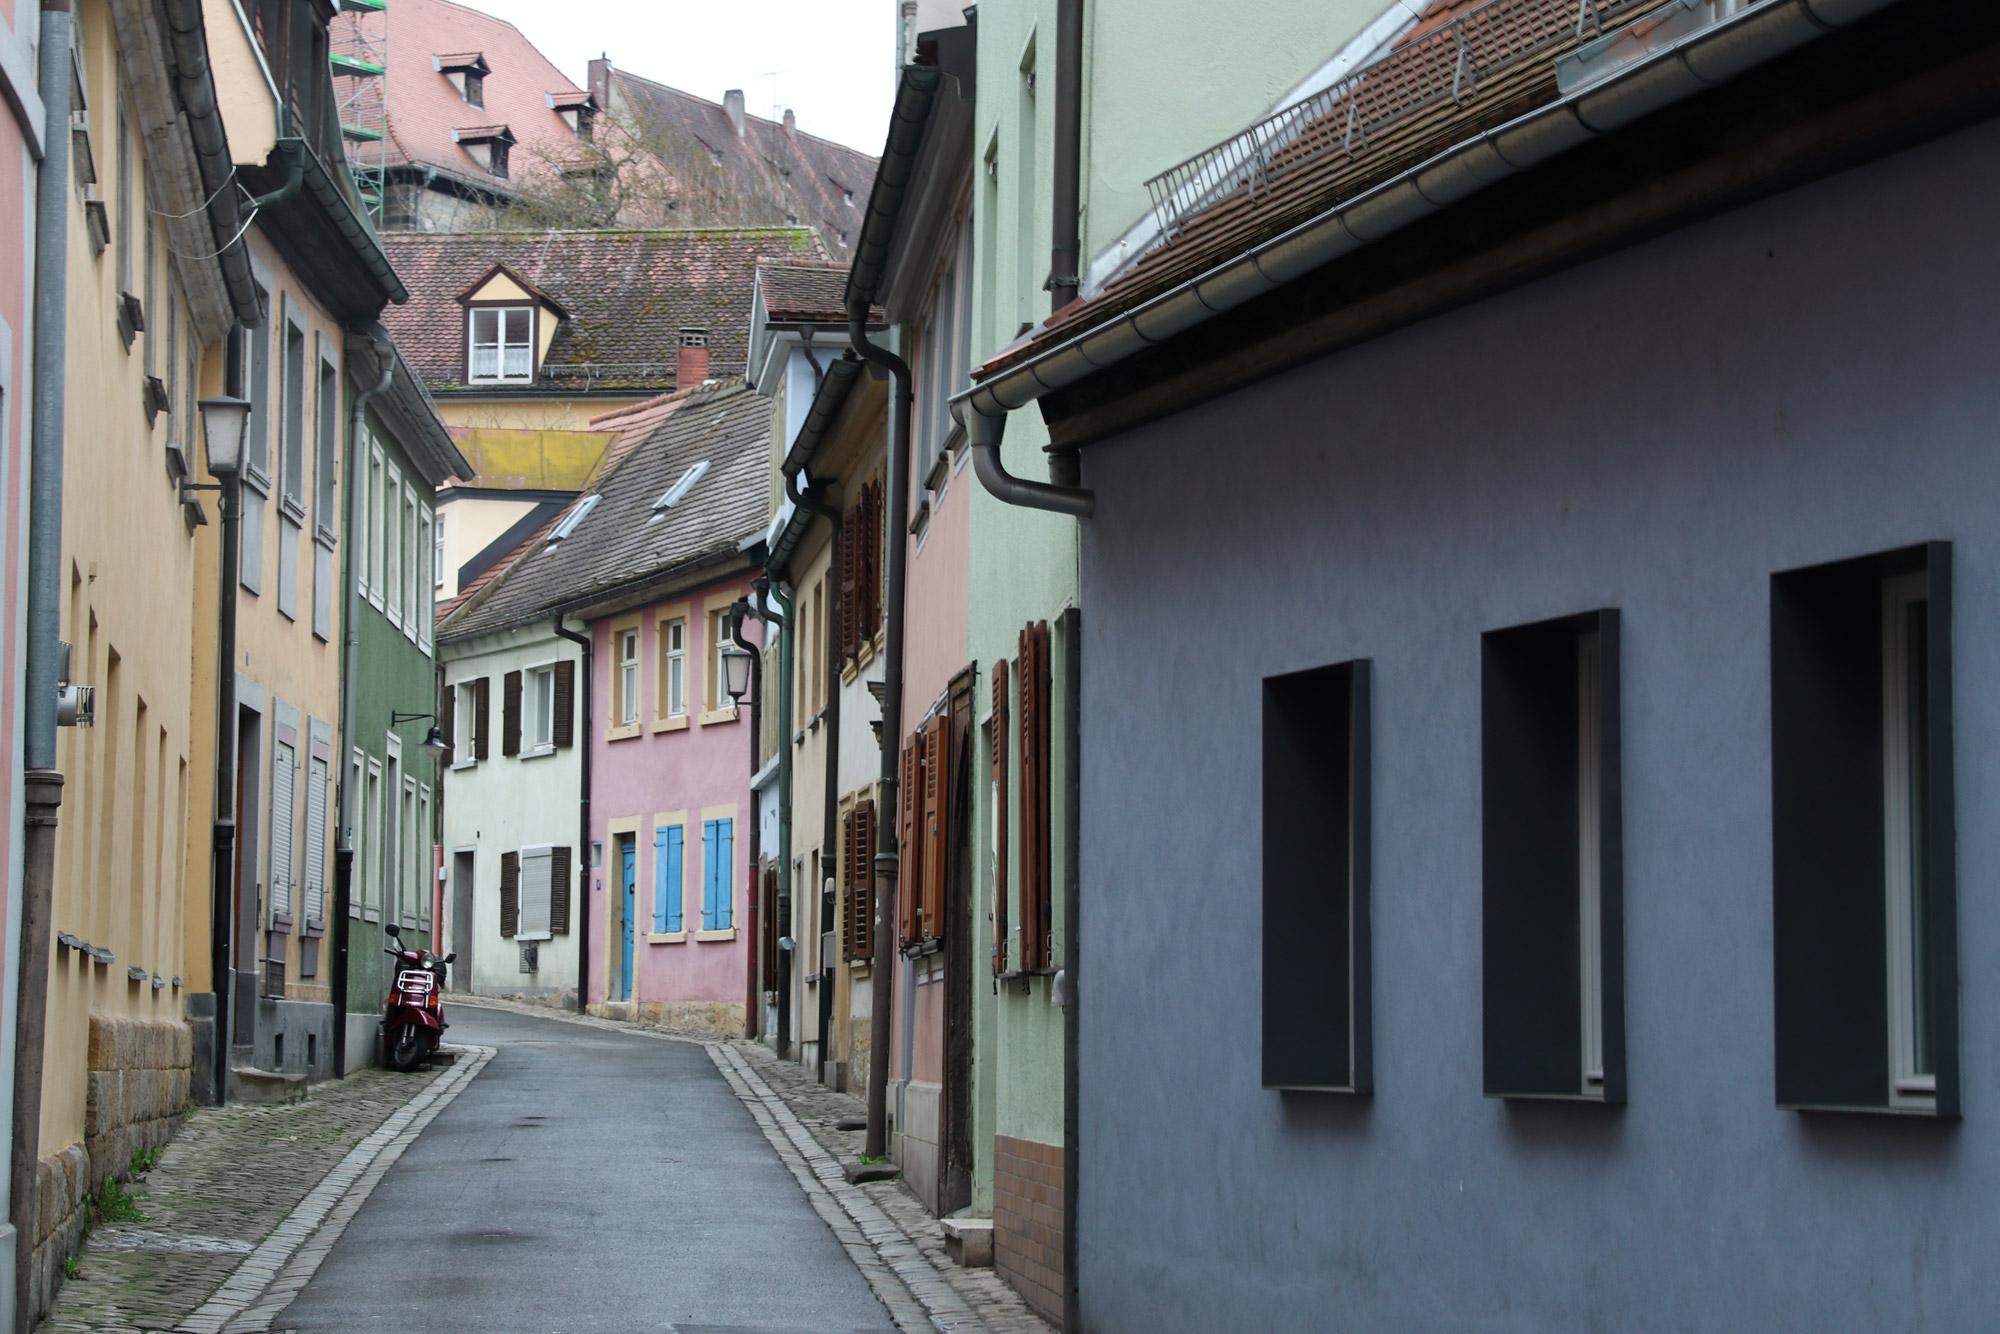 Bamberg in 10 beelden - Verdwaal in de straatjes